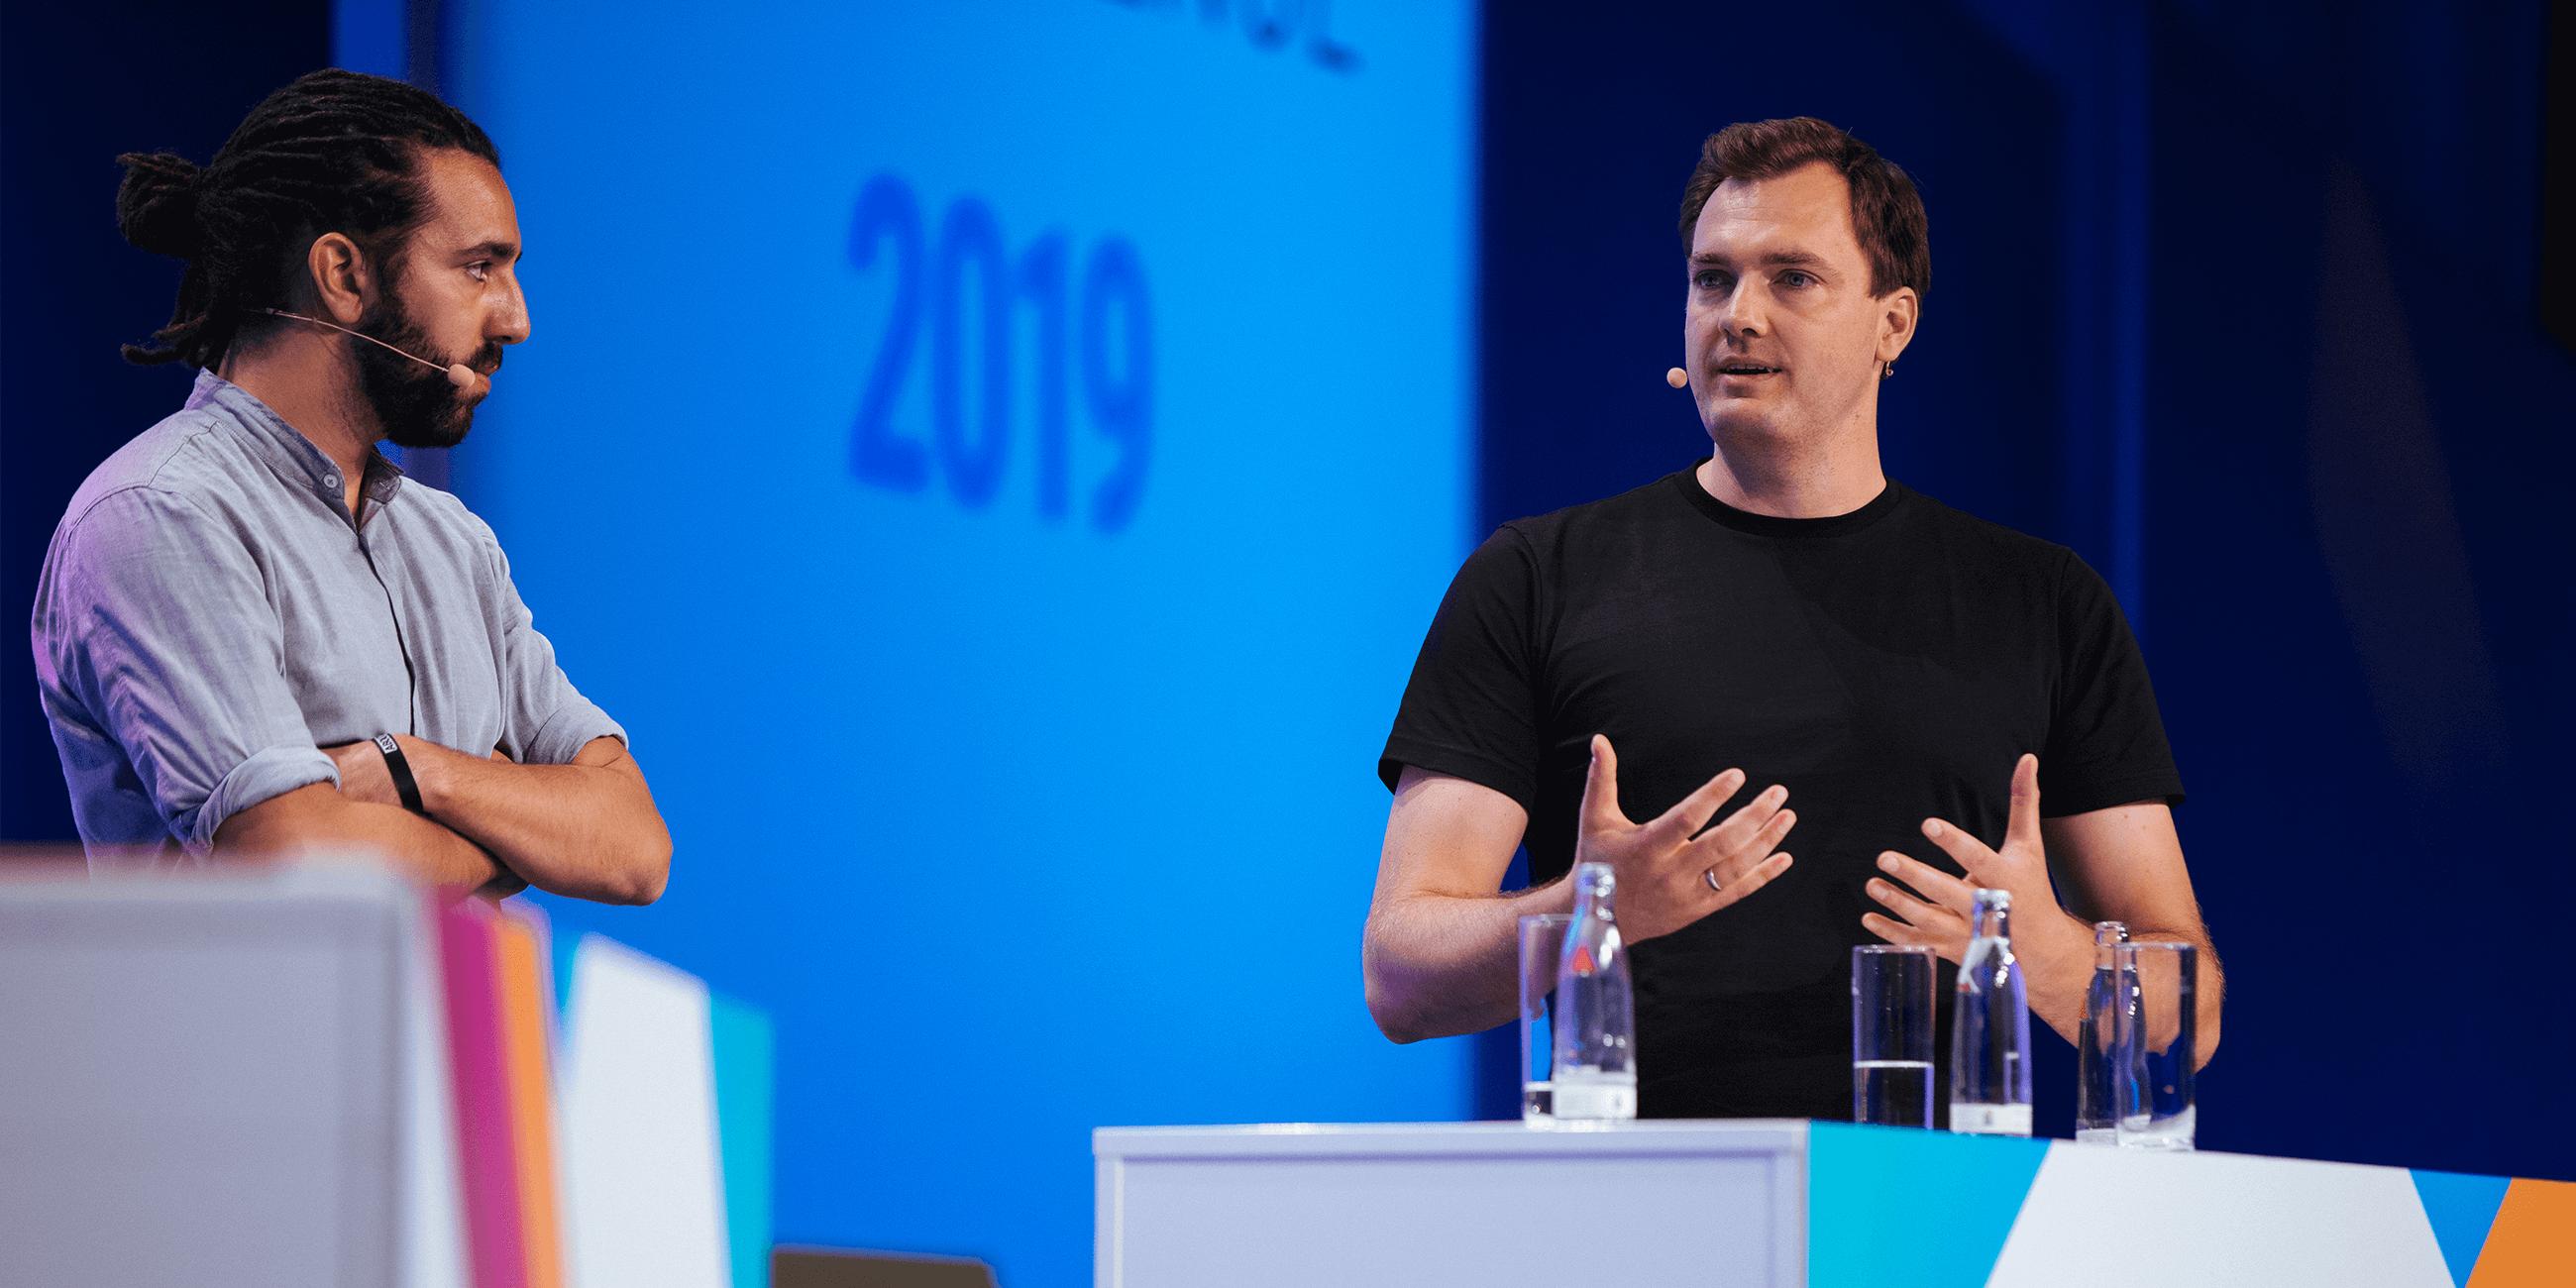 Tarek Müller von About You und Alexander Graf von Kassenzone als Speaker auf der K5 Konferenz 2019